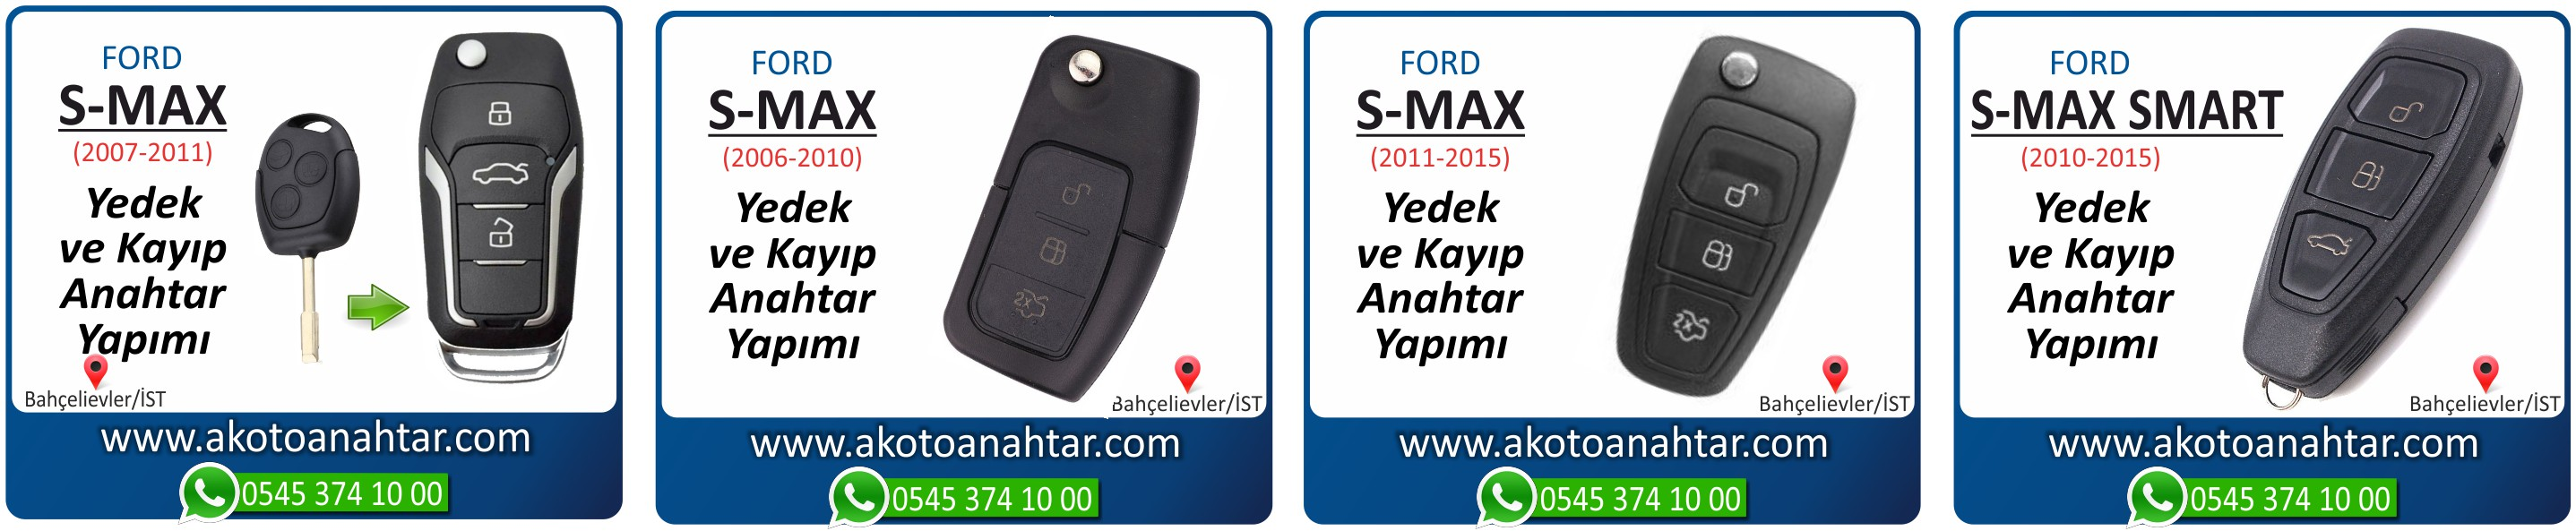 S max smax anahtari - Ford S-Max Anahtarı | Yedek ve Kayıp Anahtar Yapımı